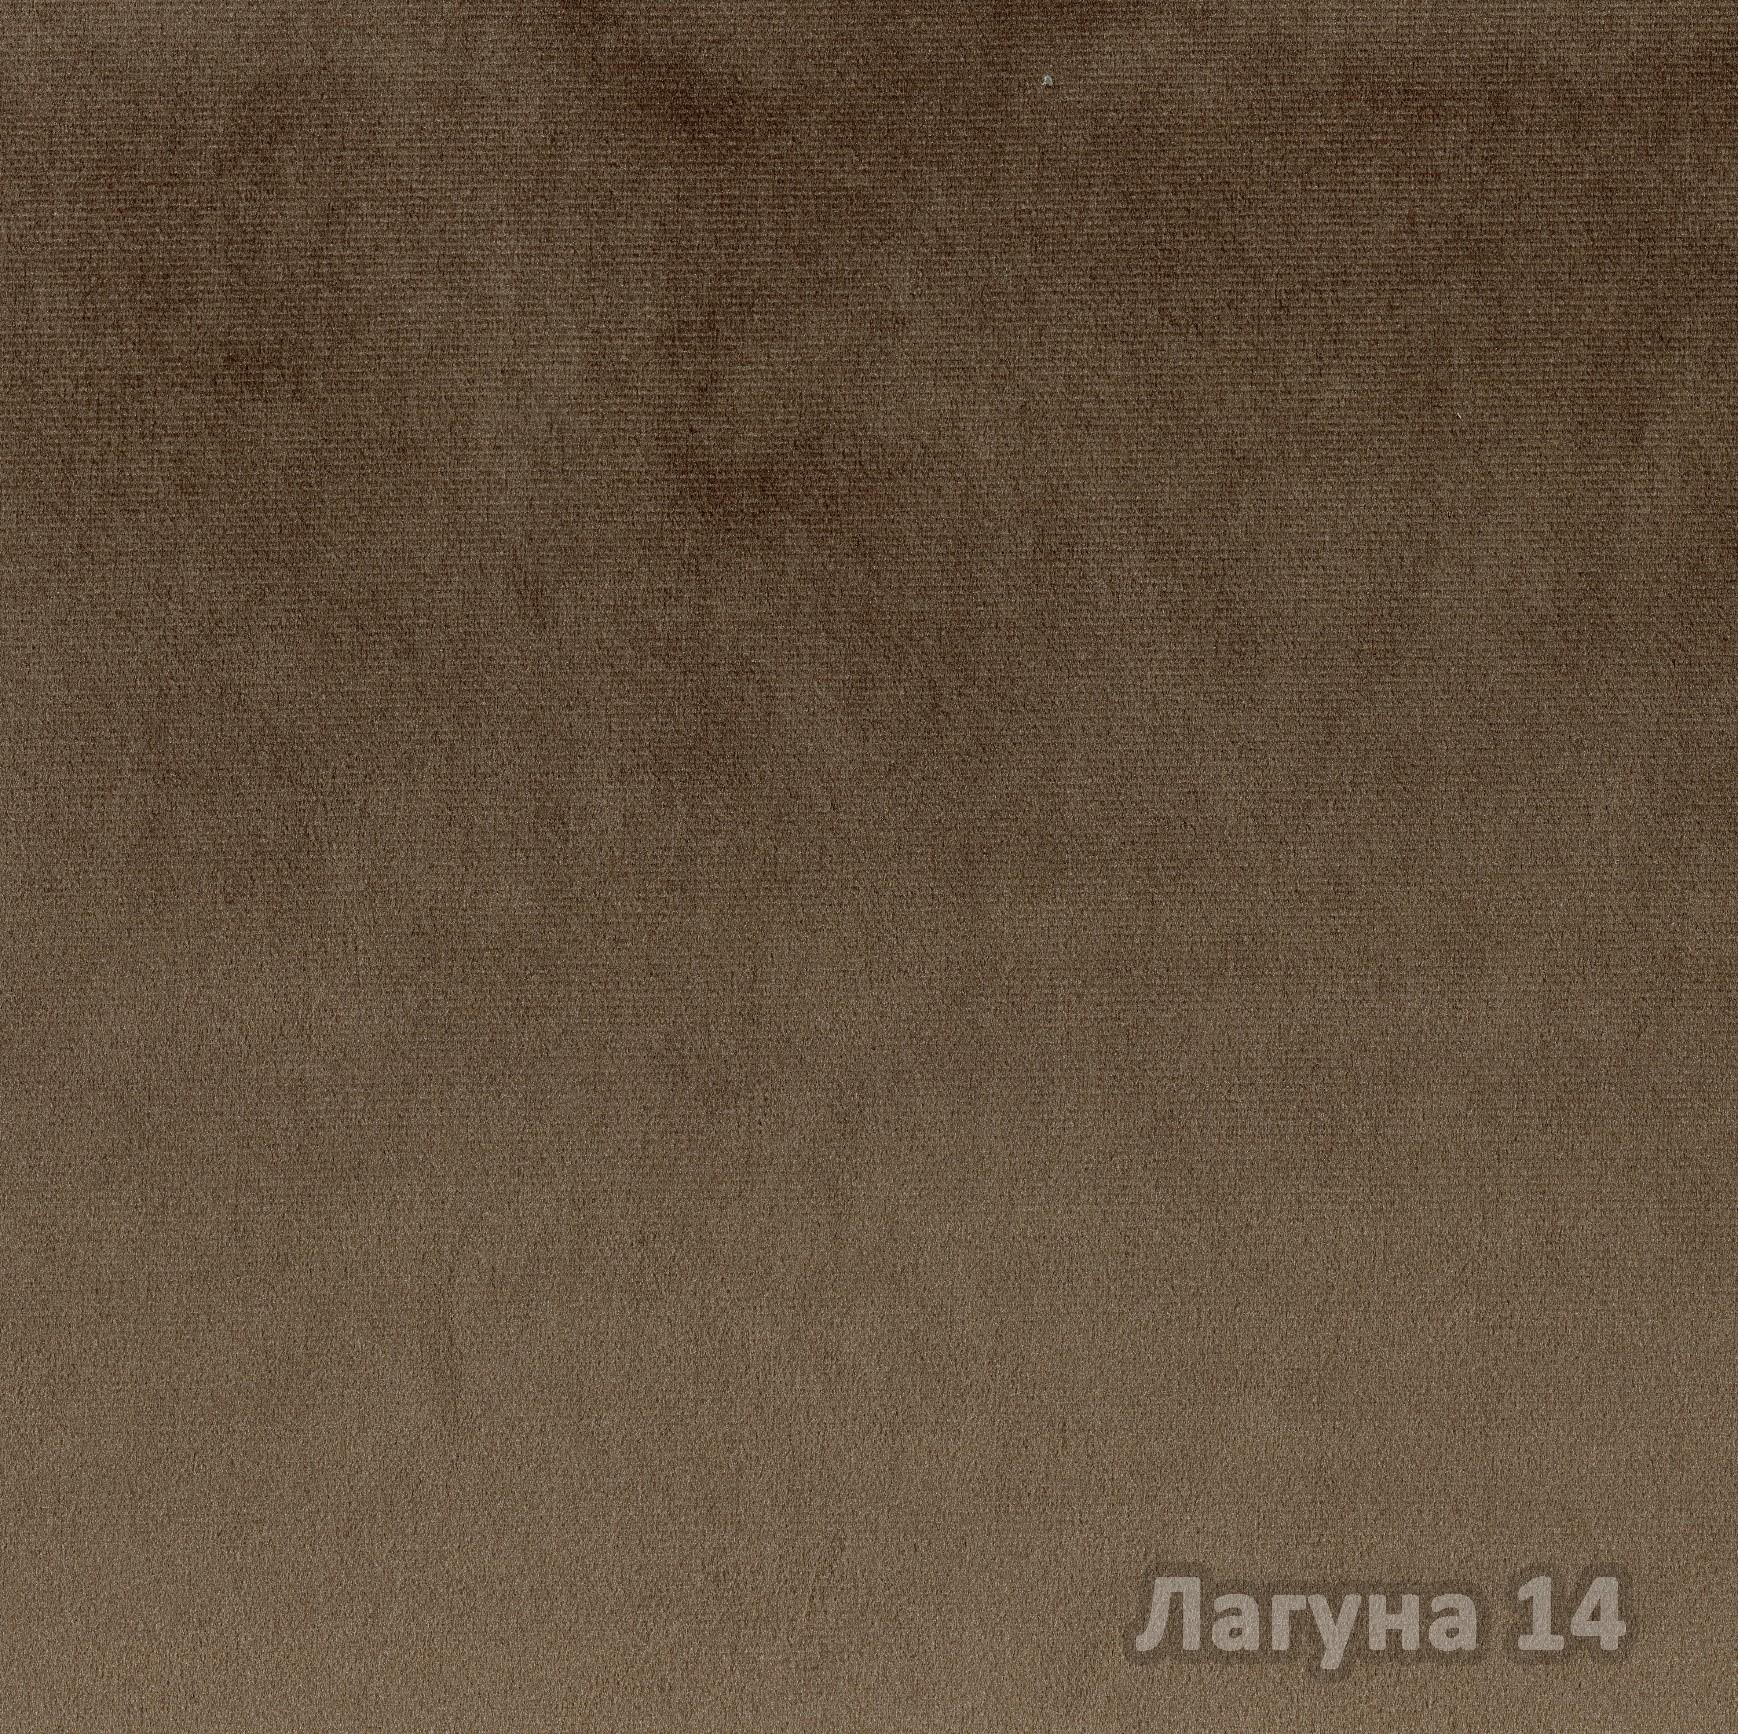 Коллекция ткани Лагуна 14,  купить ткань Велюр для мебели Украина